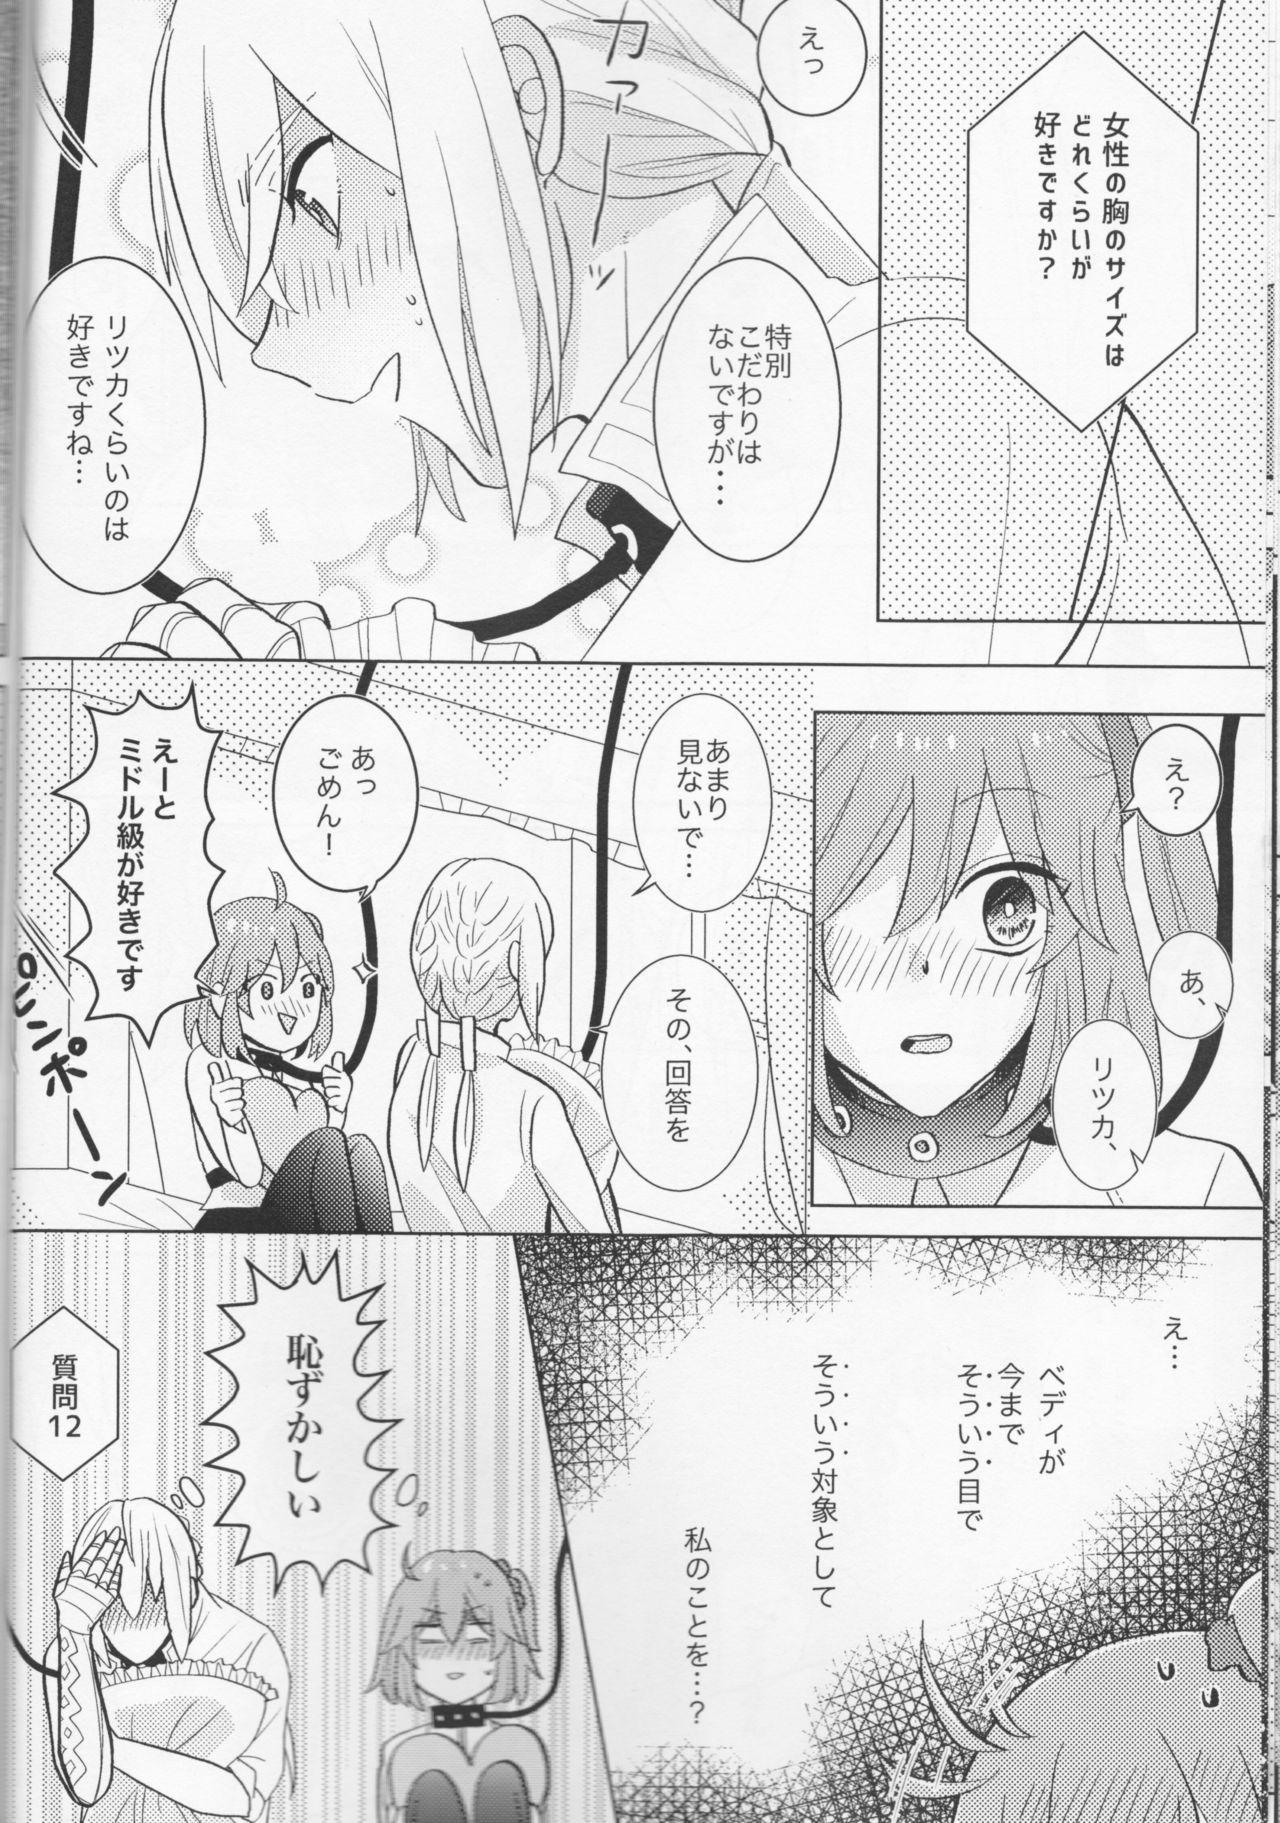 Kirakira Koboreru, Kimi to no Waidan 19